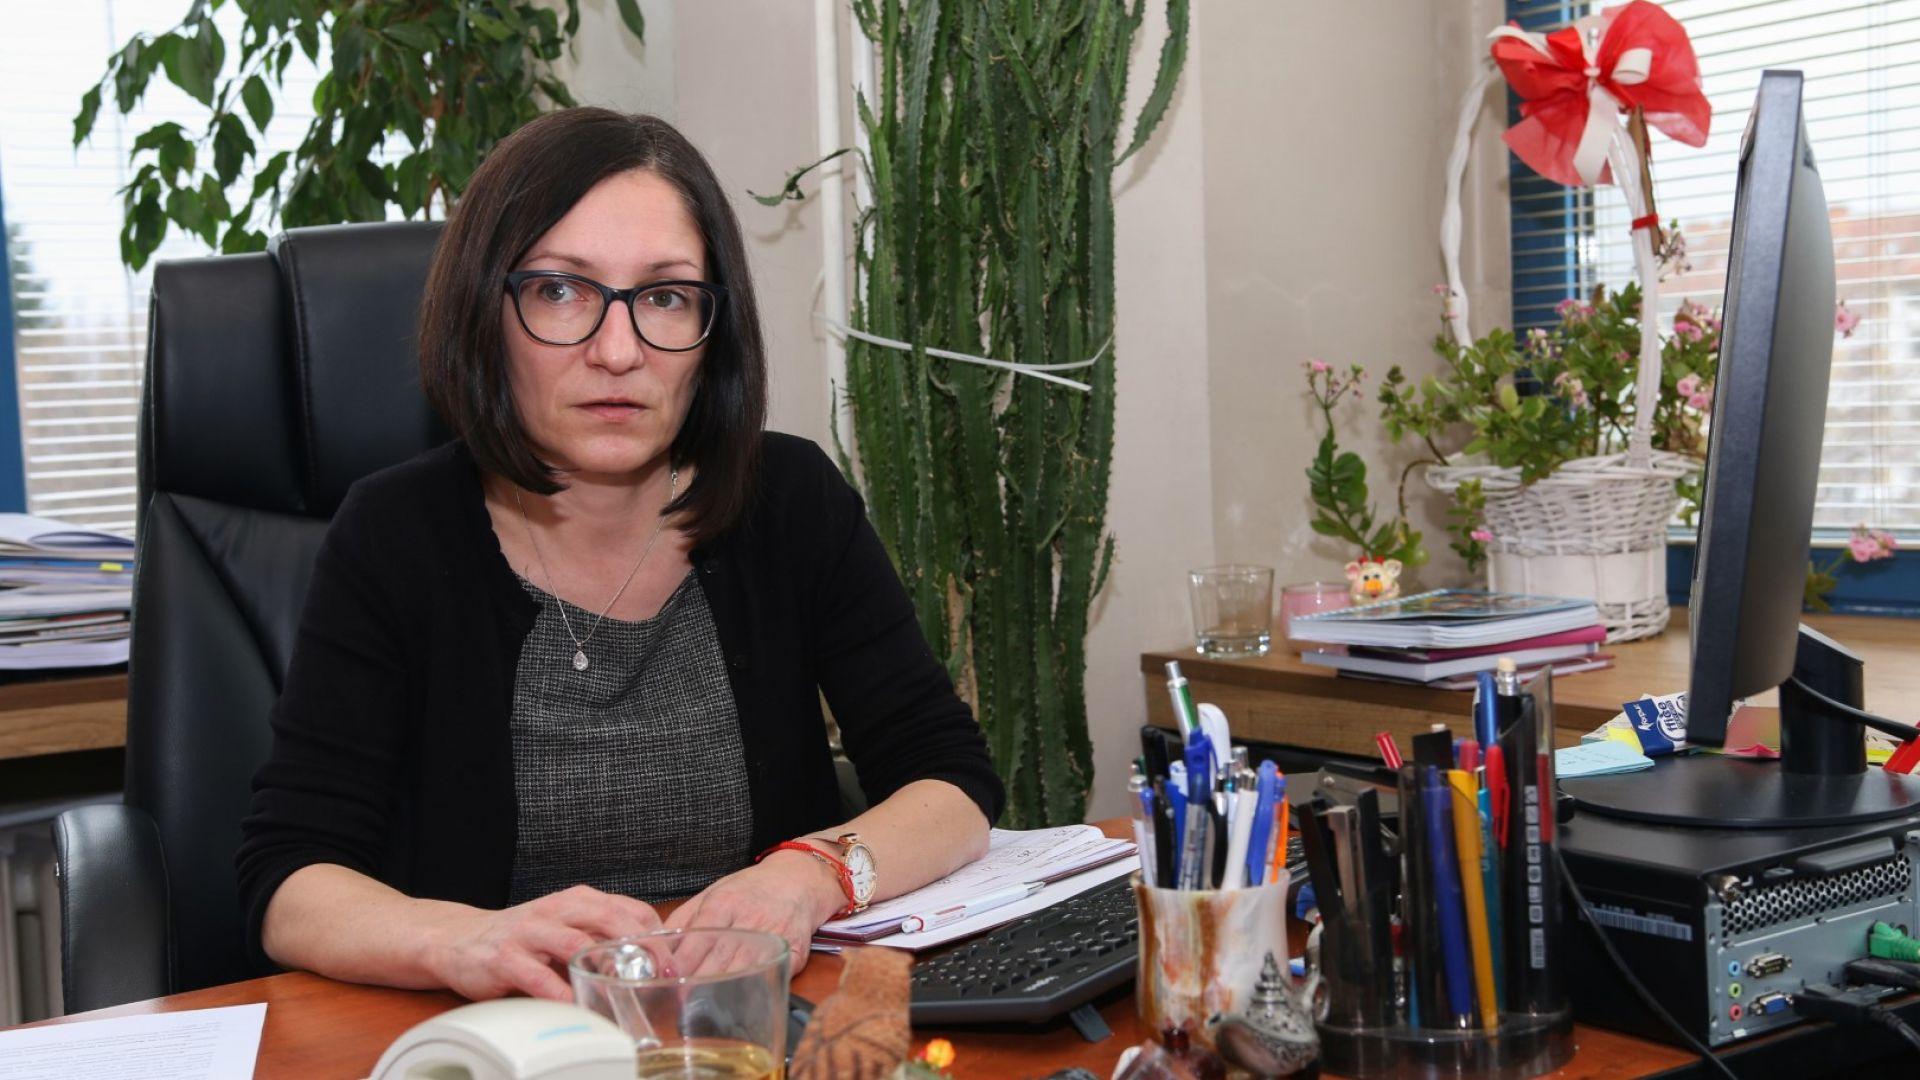 Директорът от НСИ Магдалена Костова пред Dir.bg: Преброяването със сигурност ще установи, че сме под 7 милиона